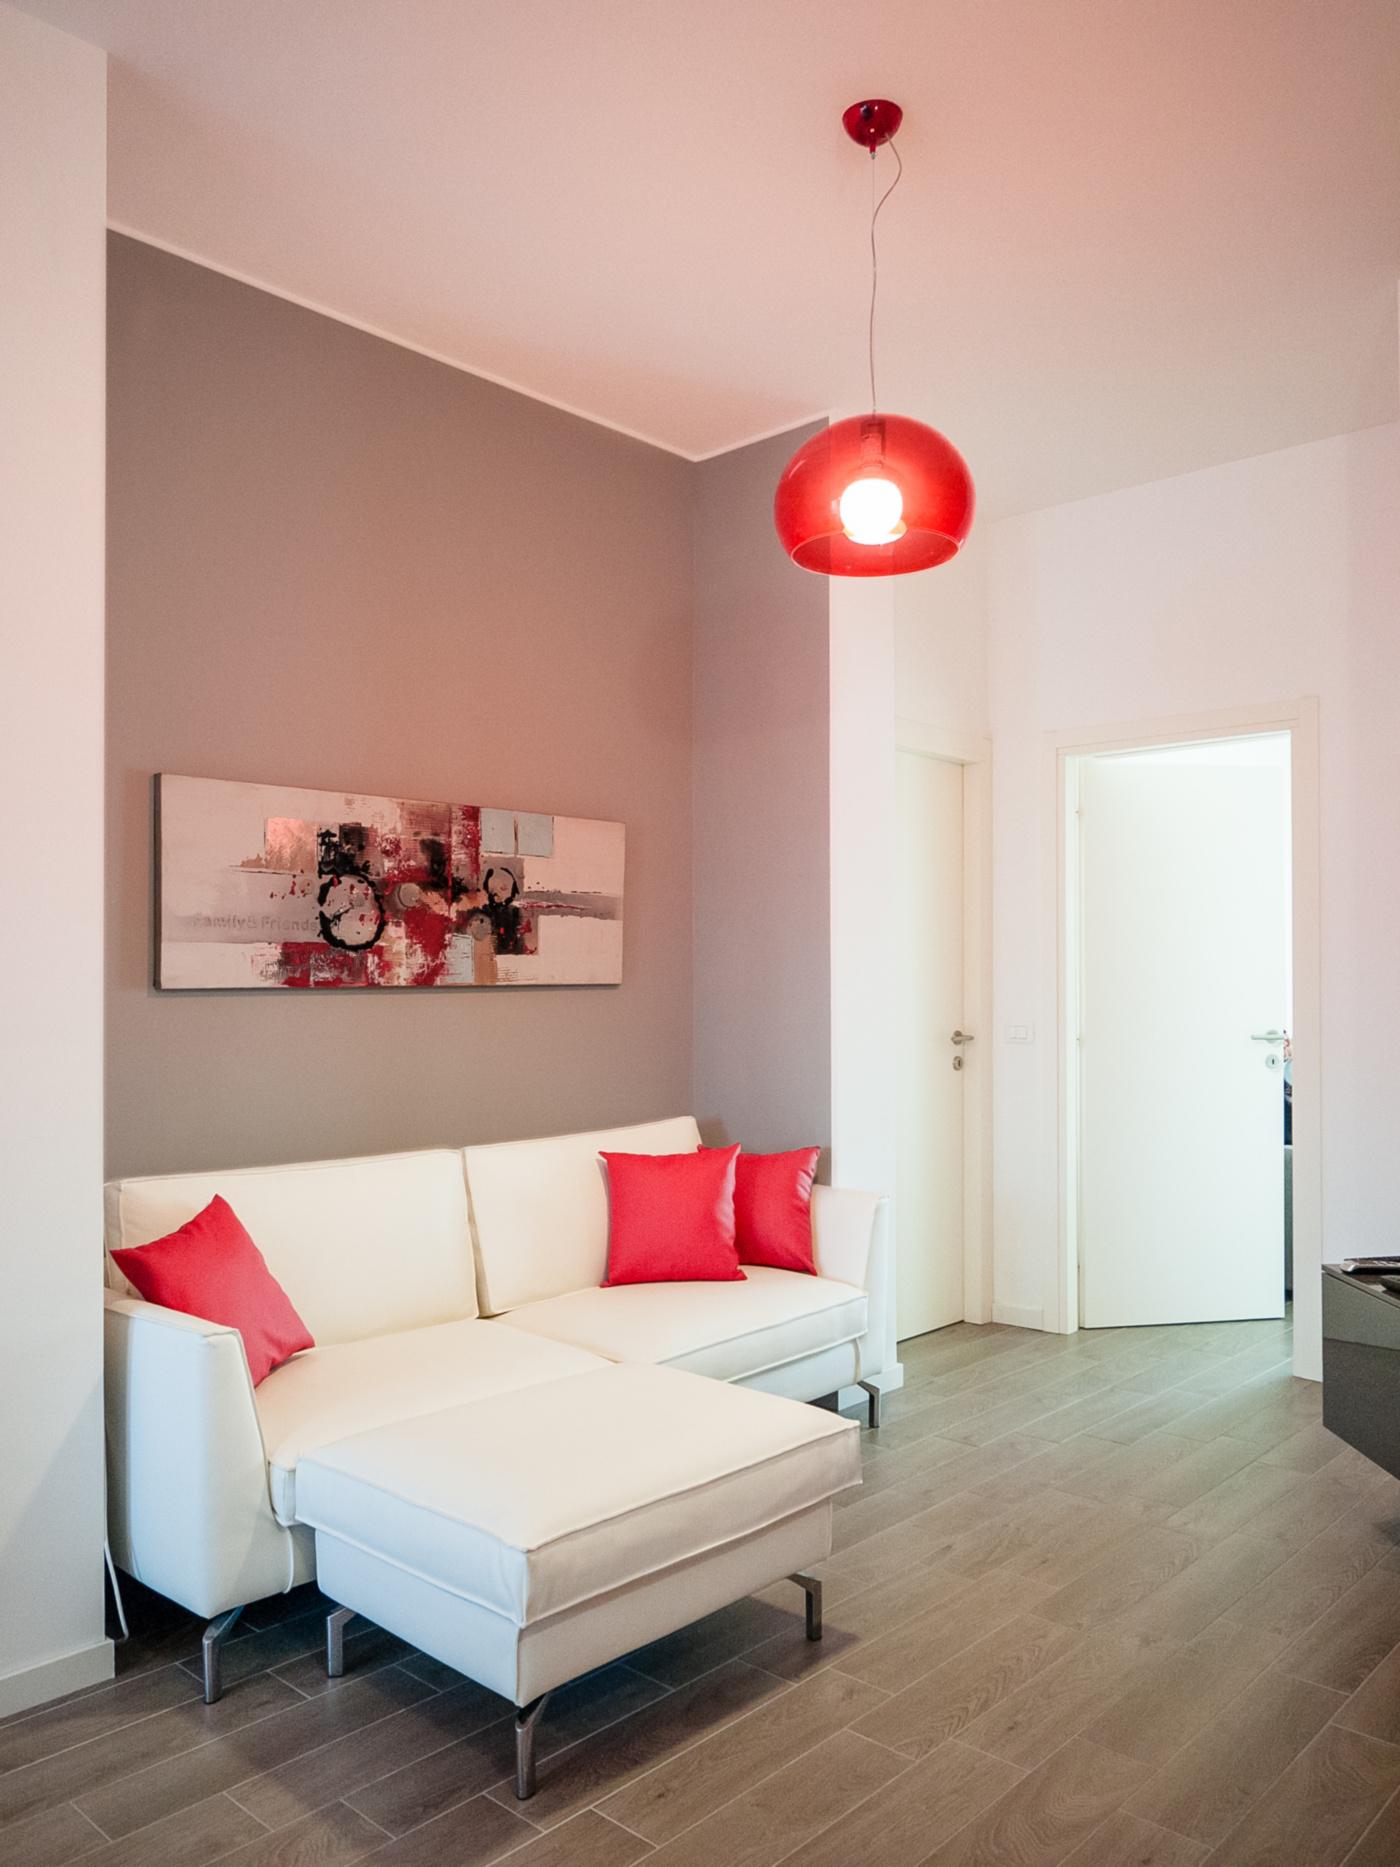 Una ristrutturazione che moltiplica gli spazi in un'appartamento degli anni '70. La nuova zona salotto, ricavata nel cuore della casa, con tocchi rossi a creare un fil rouge | Bottega di Architettura